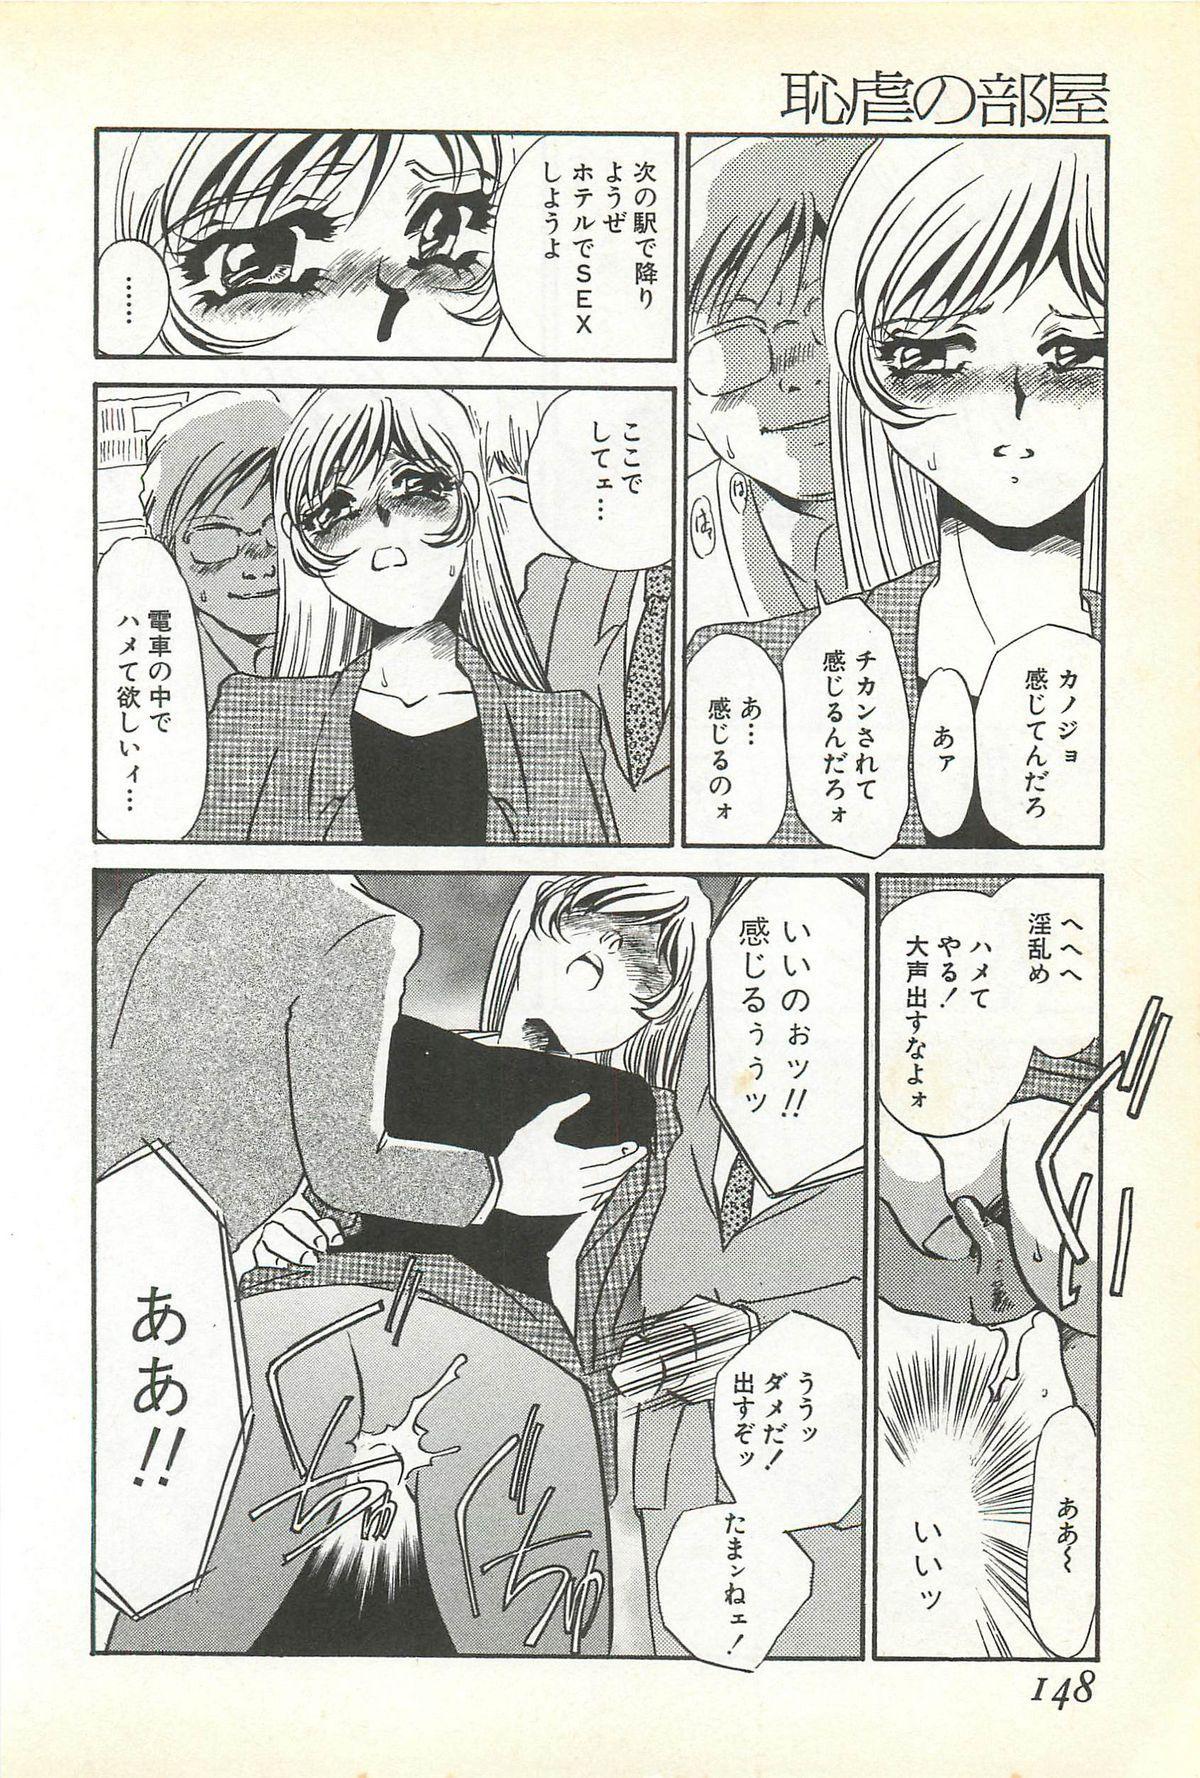 Chigyaku no Heya - A Shameful Punishment Room 143